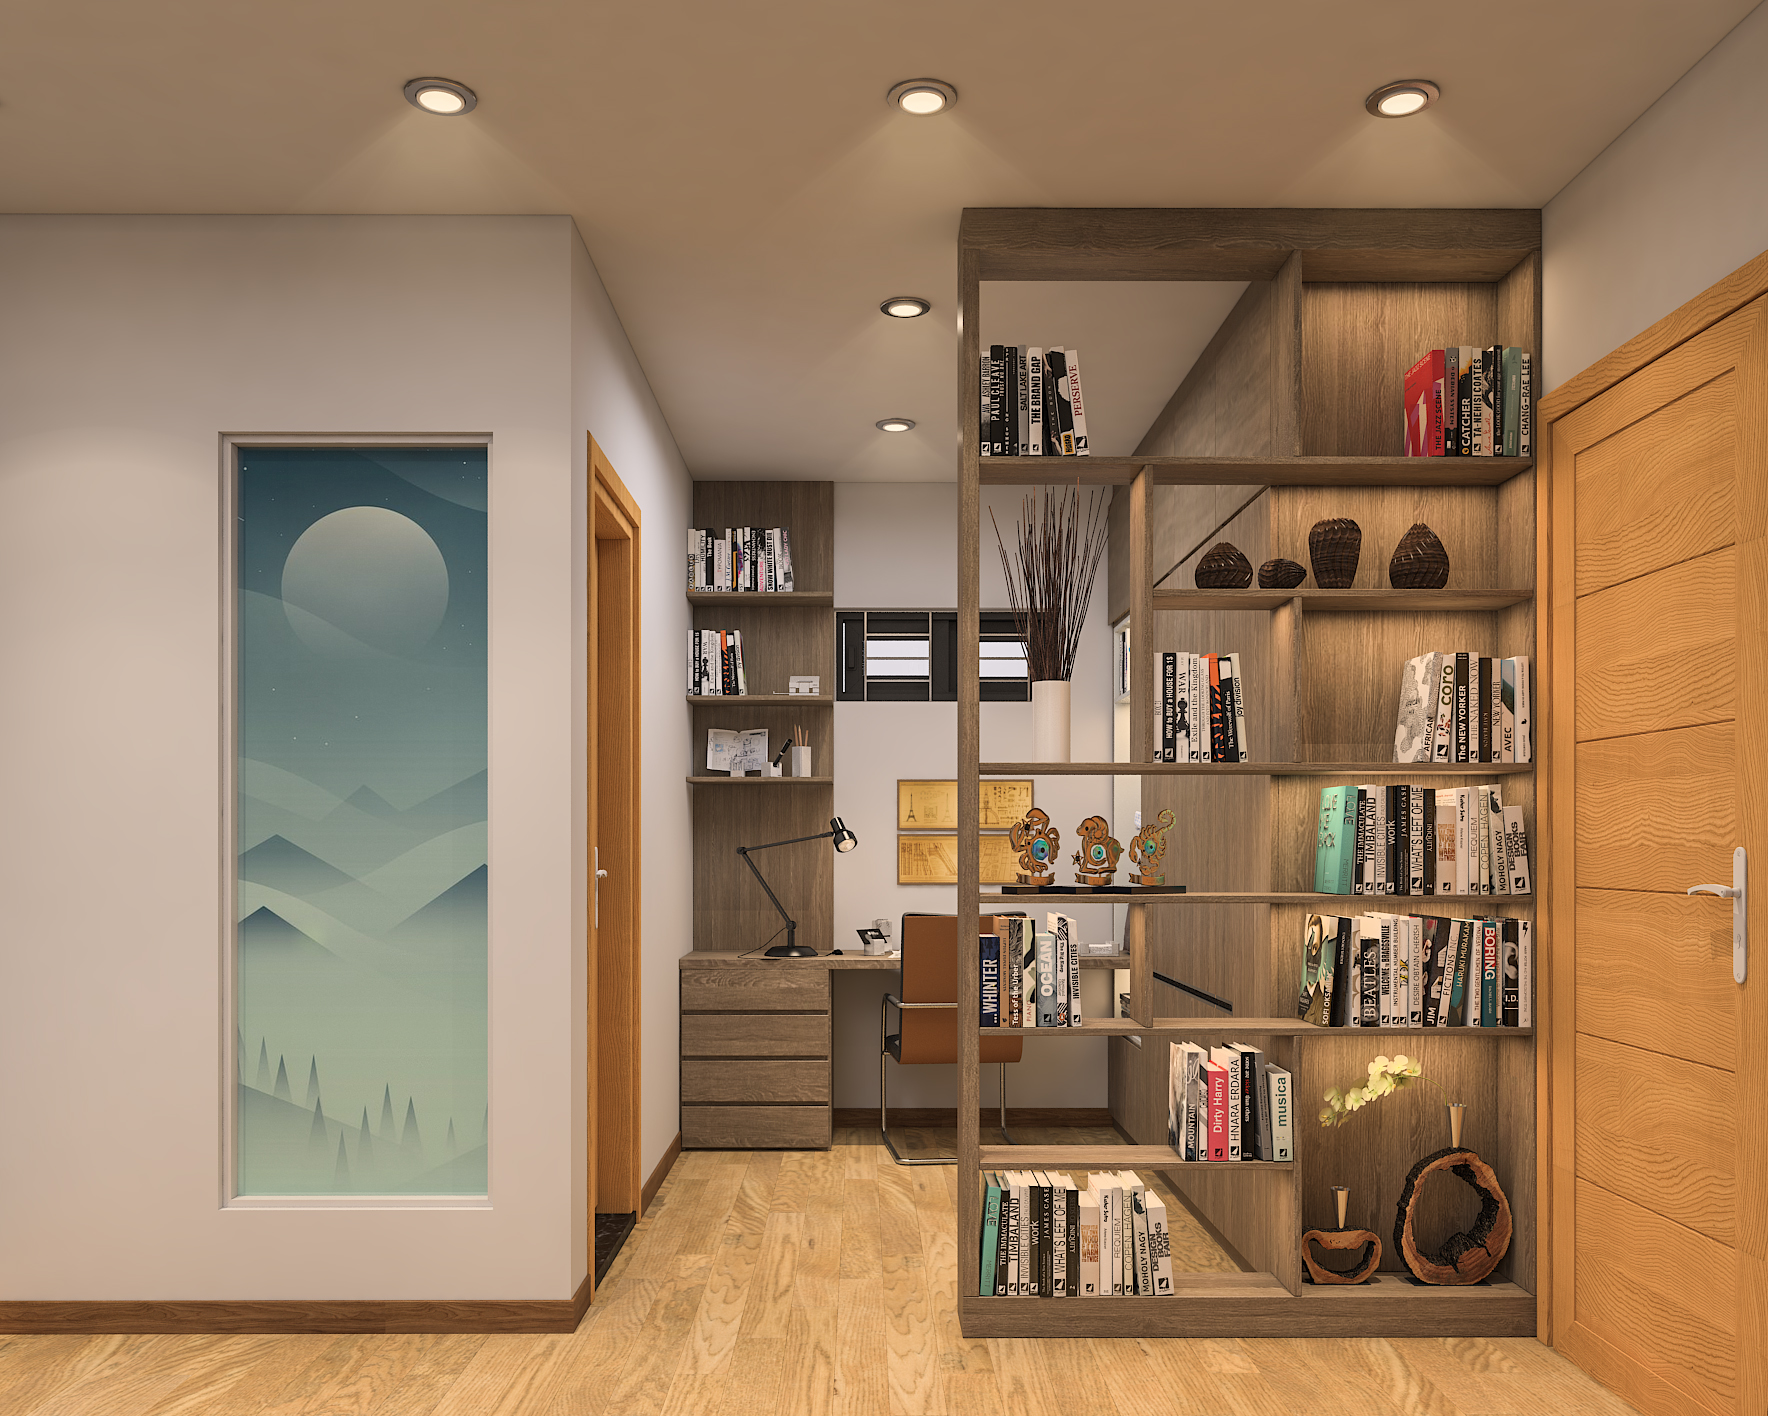 thiết kế nội thất chung cư tại Hà Nội Nội thất golden west 1 1533866920